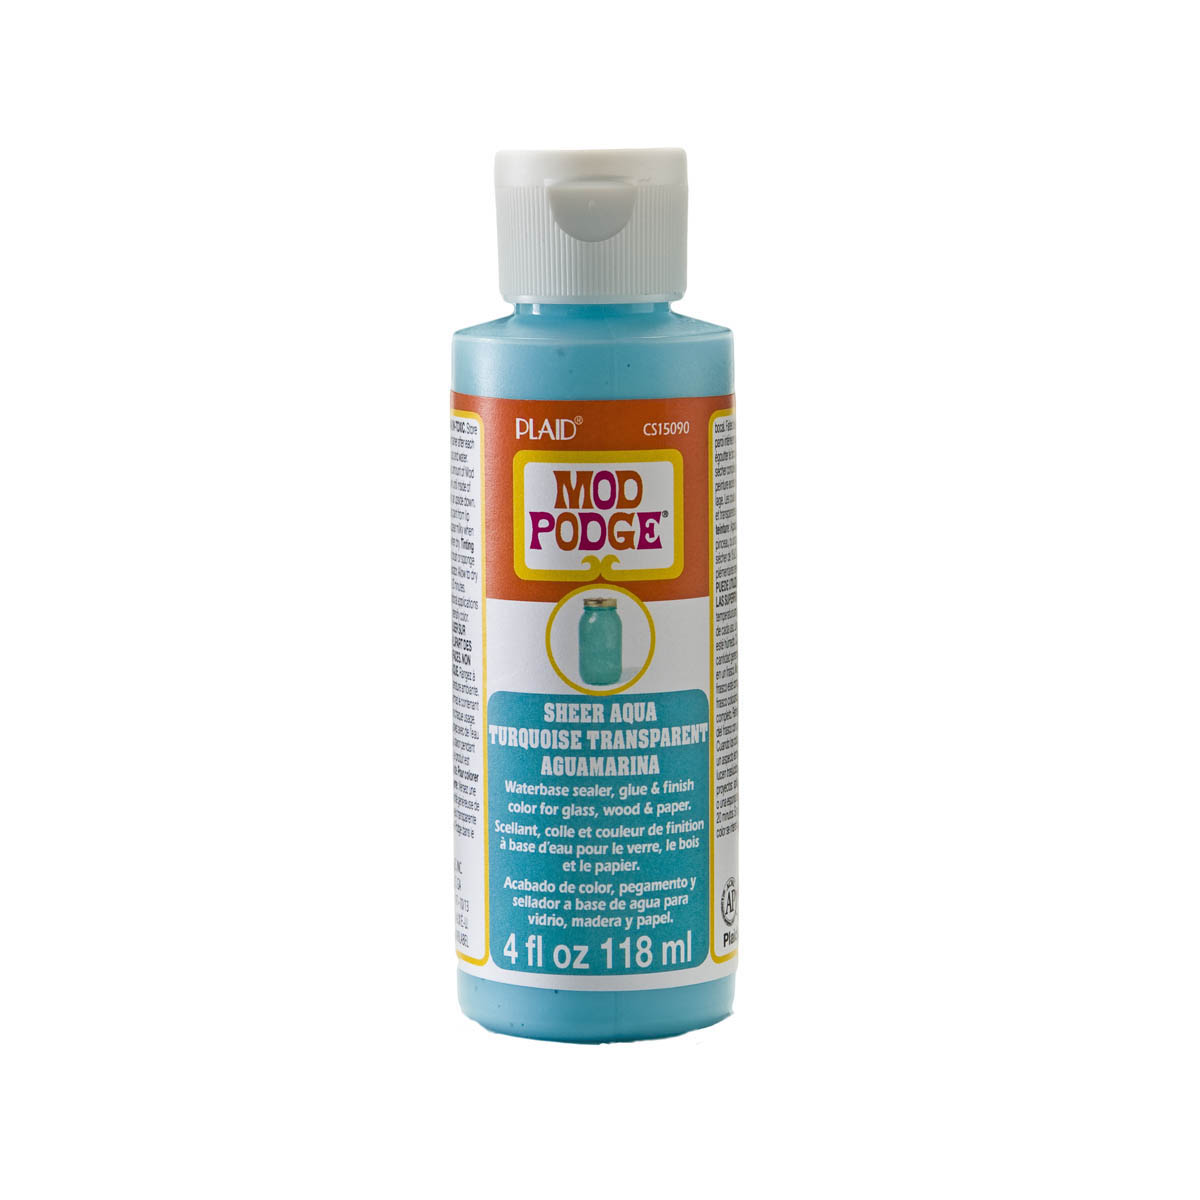 Mod Podge ® Sheer Color - Aqua, 4 oz. - CS15090